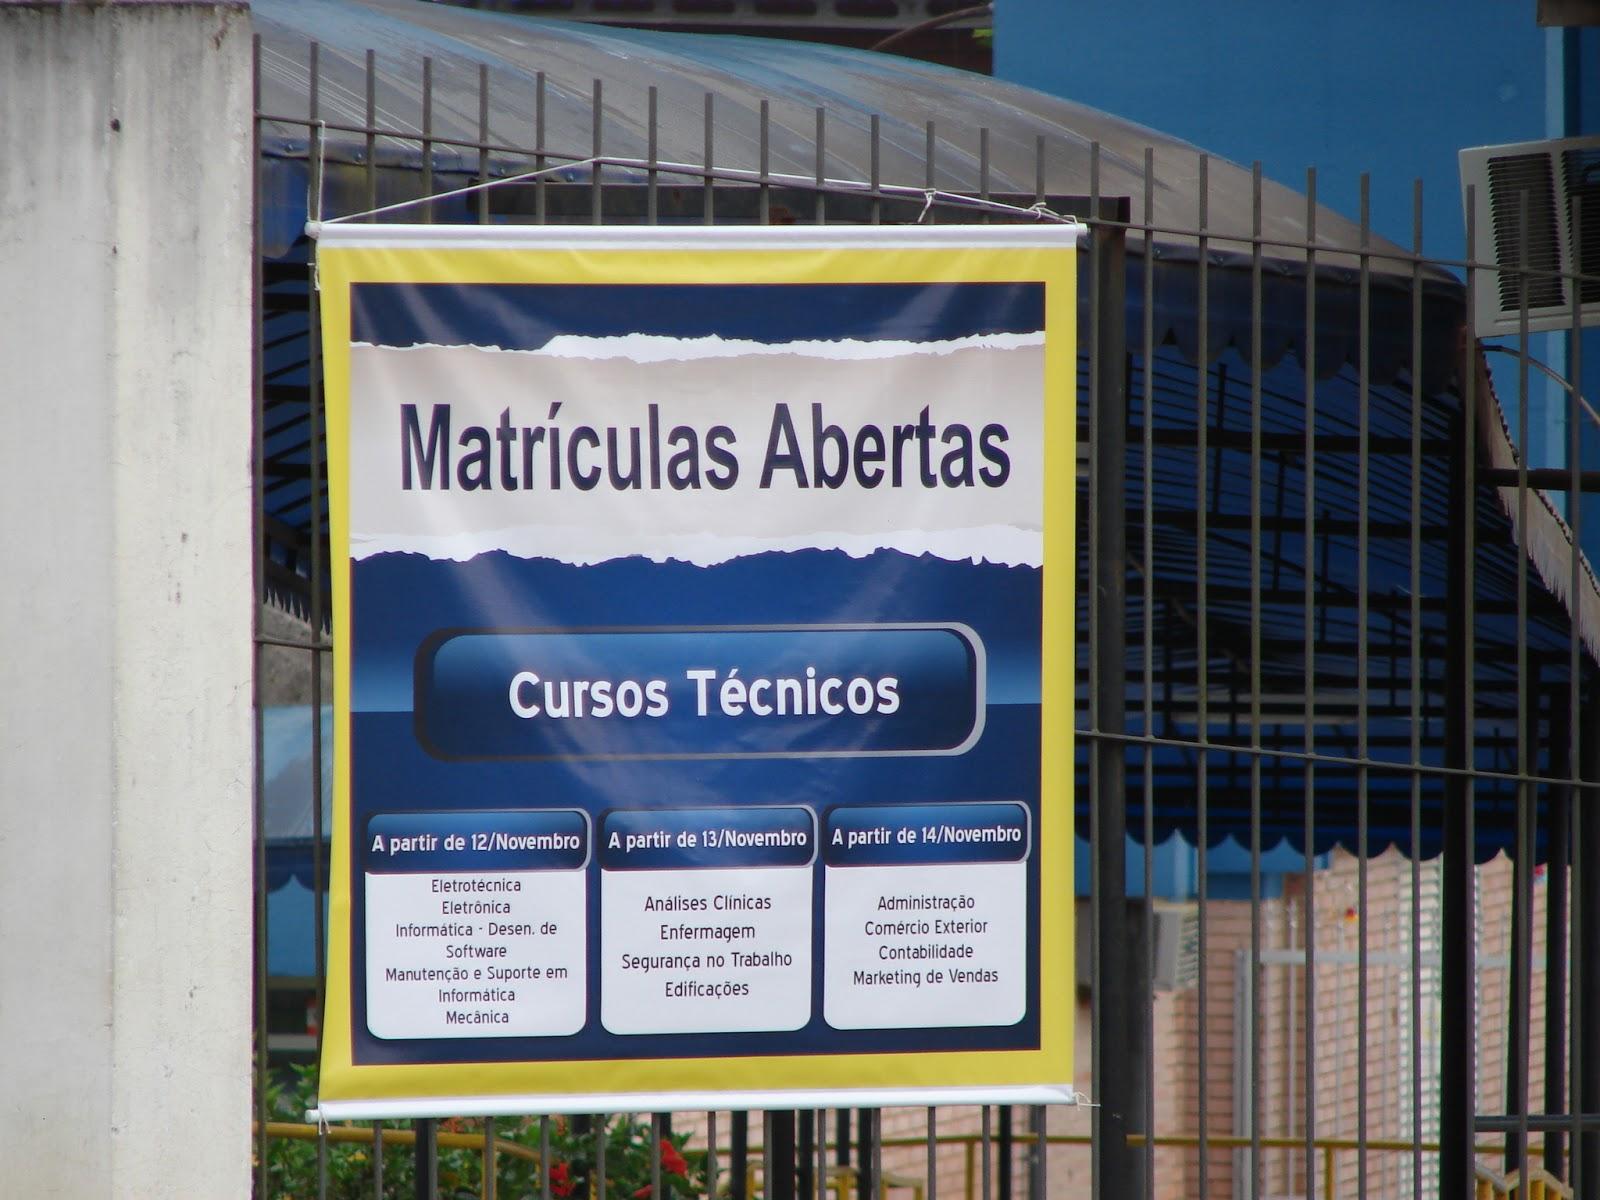 Cursos Técnicos: Cedup em Joinville (SC) tem quase 950 vagas abertas